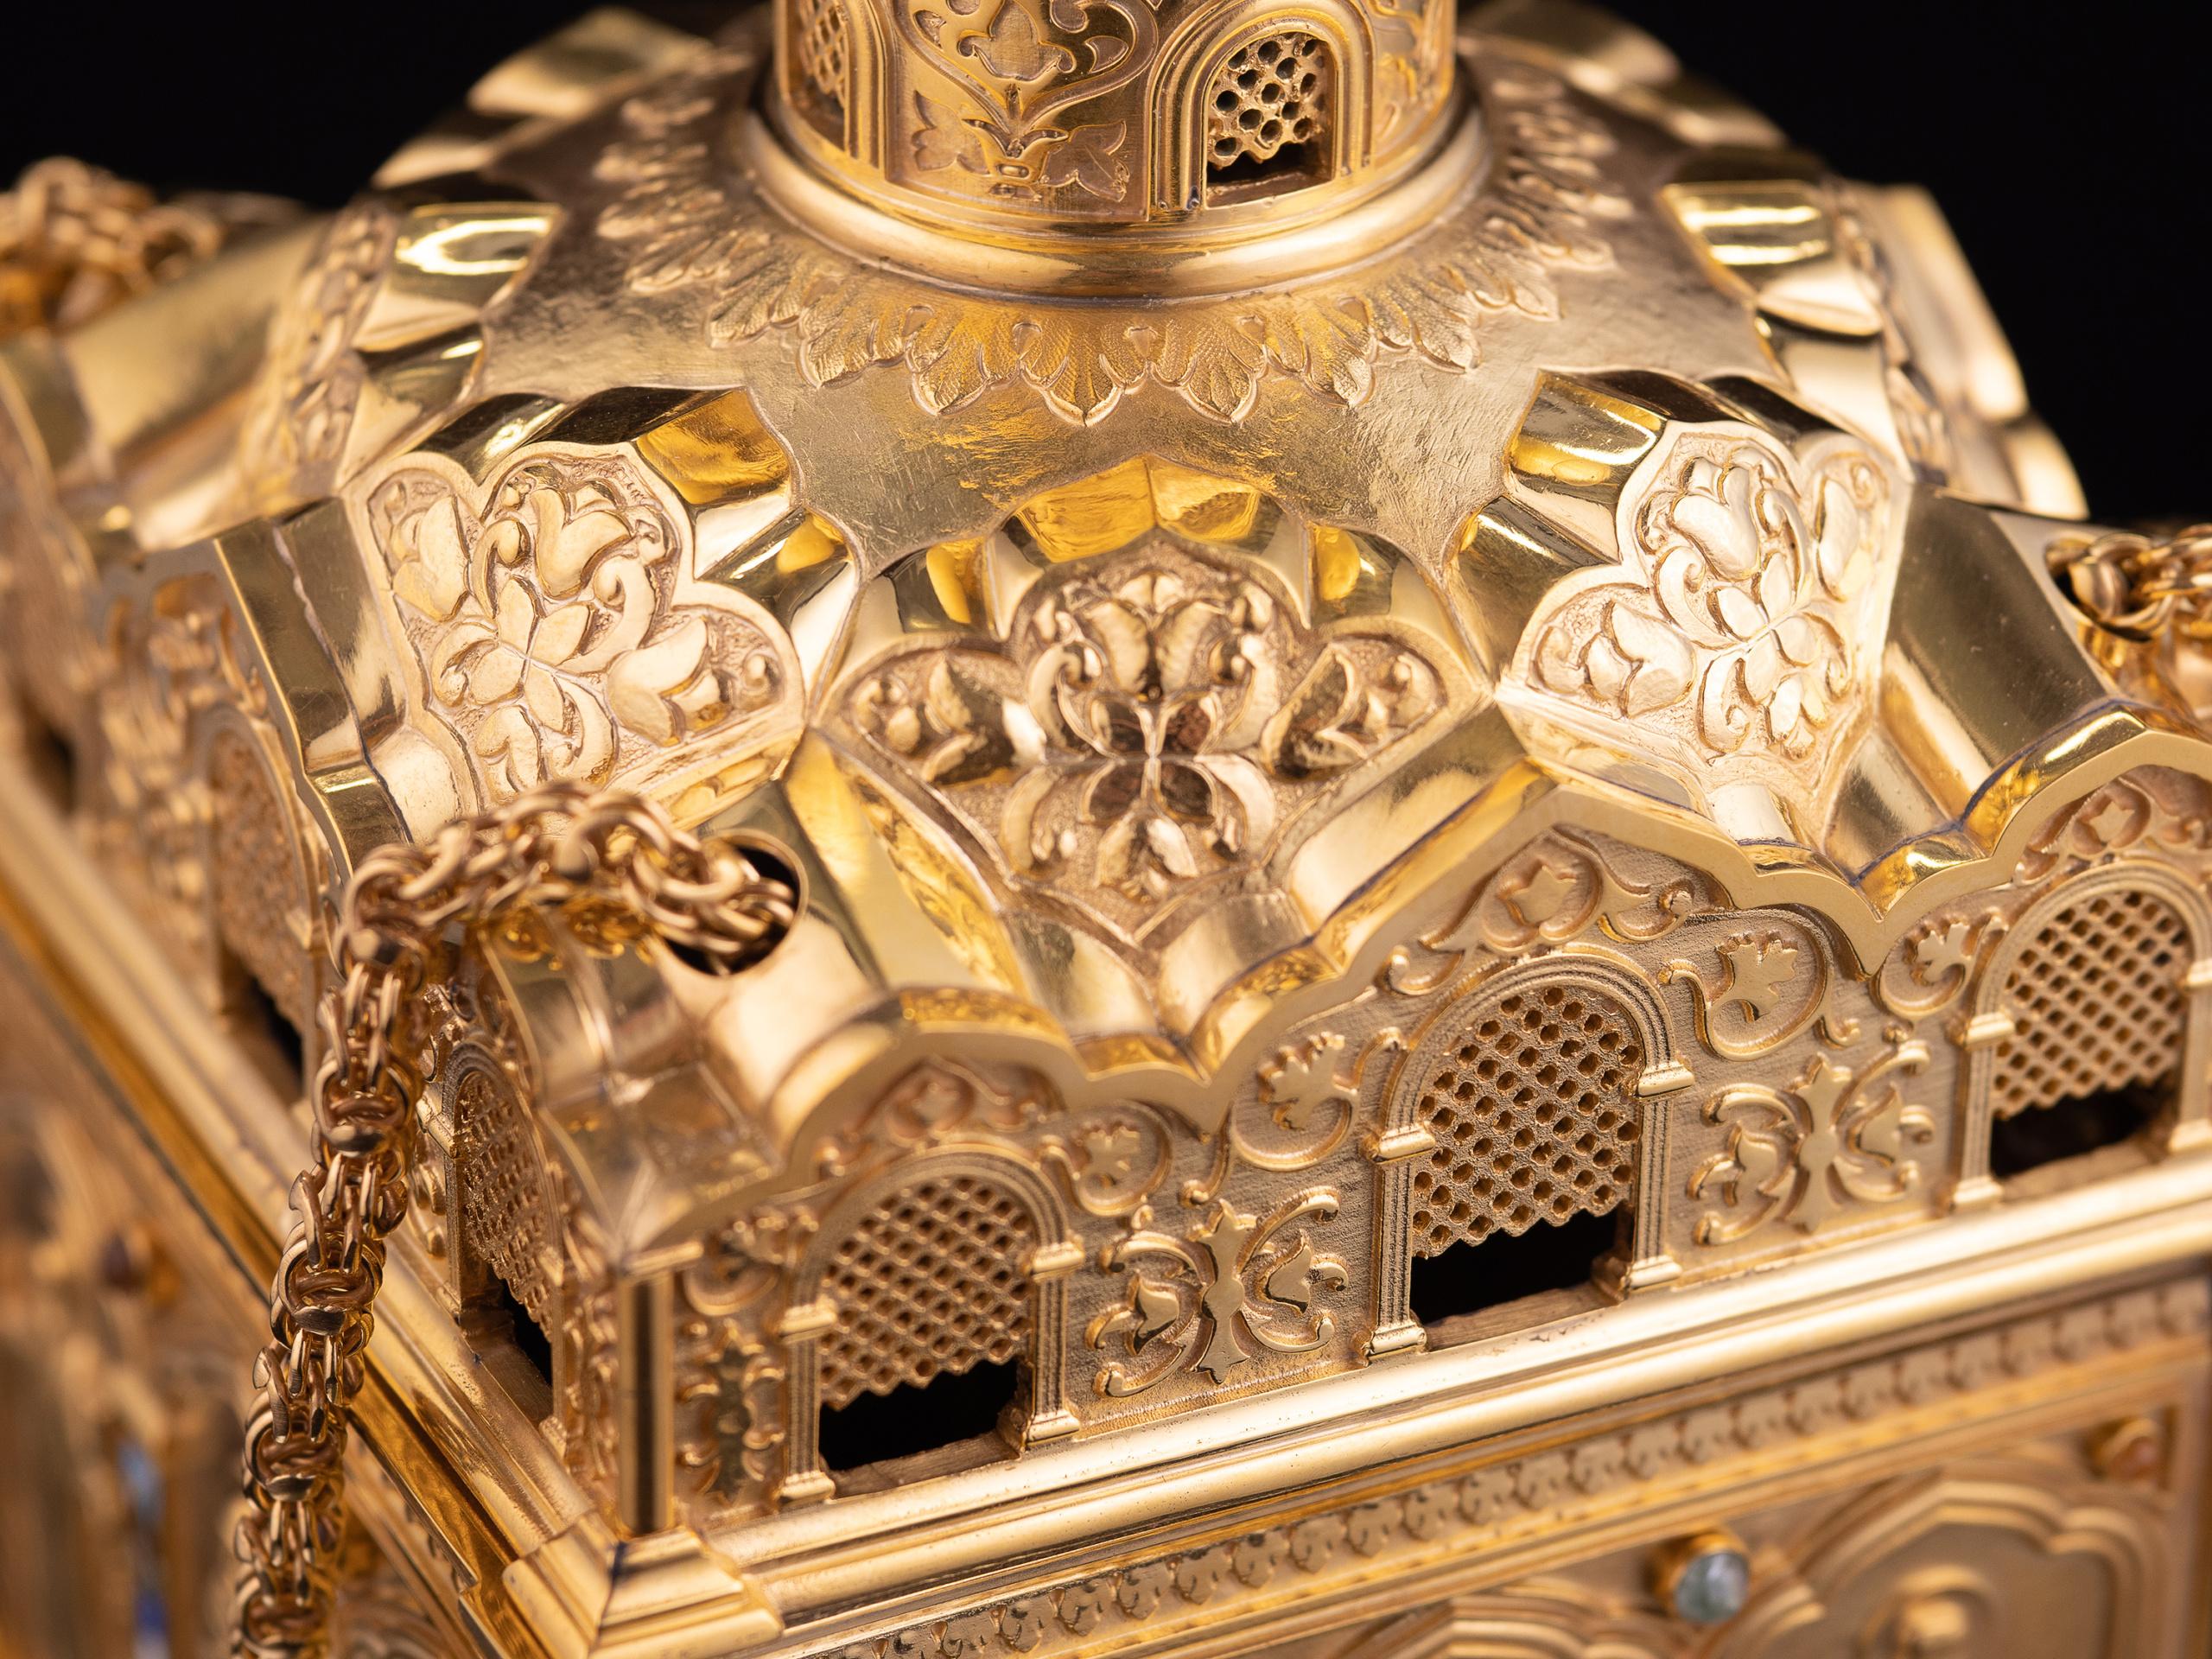 Фотографии ювелирных изделий. Кадило. Галерея фотографа